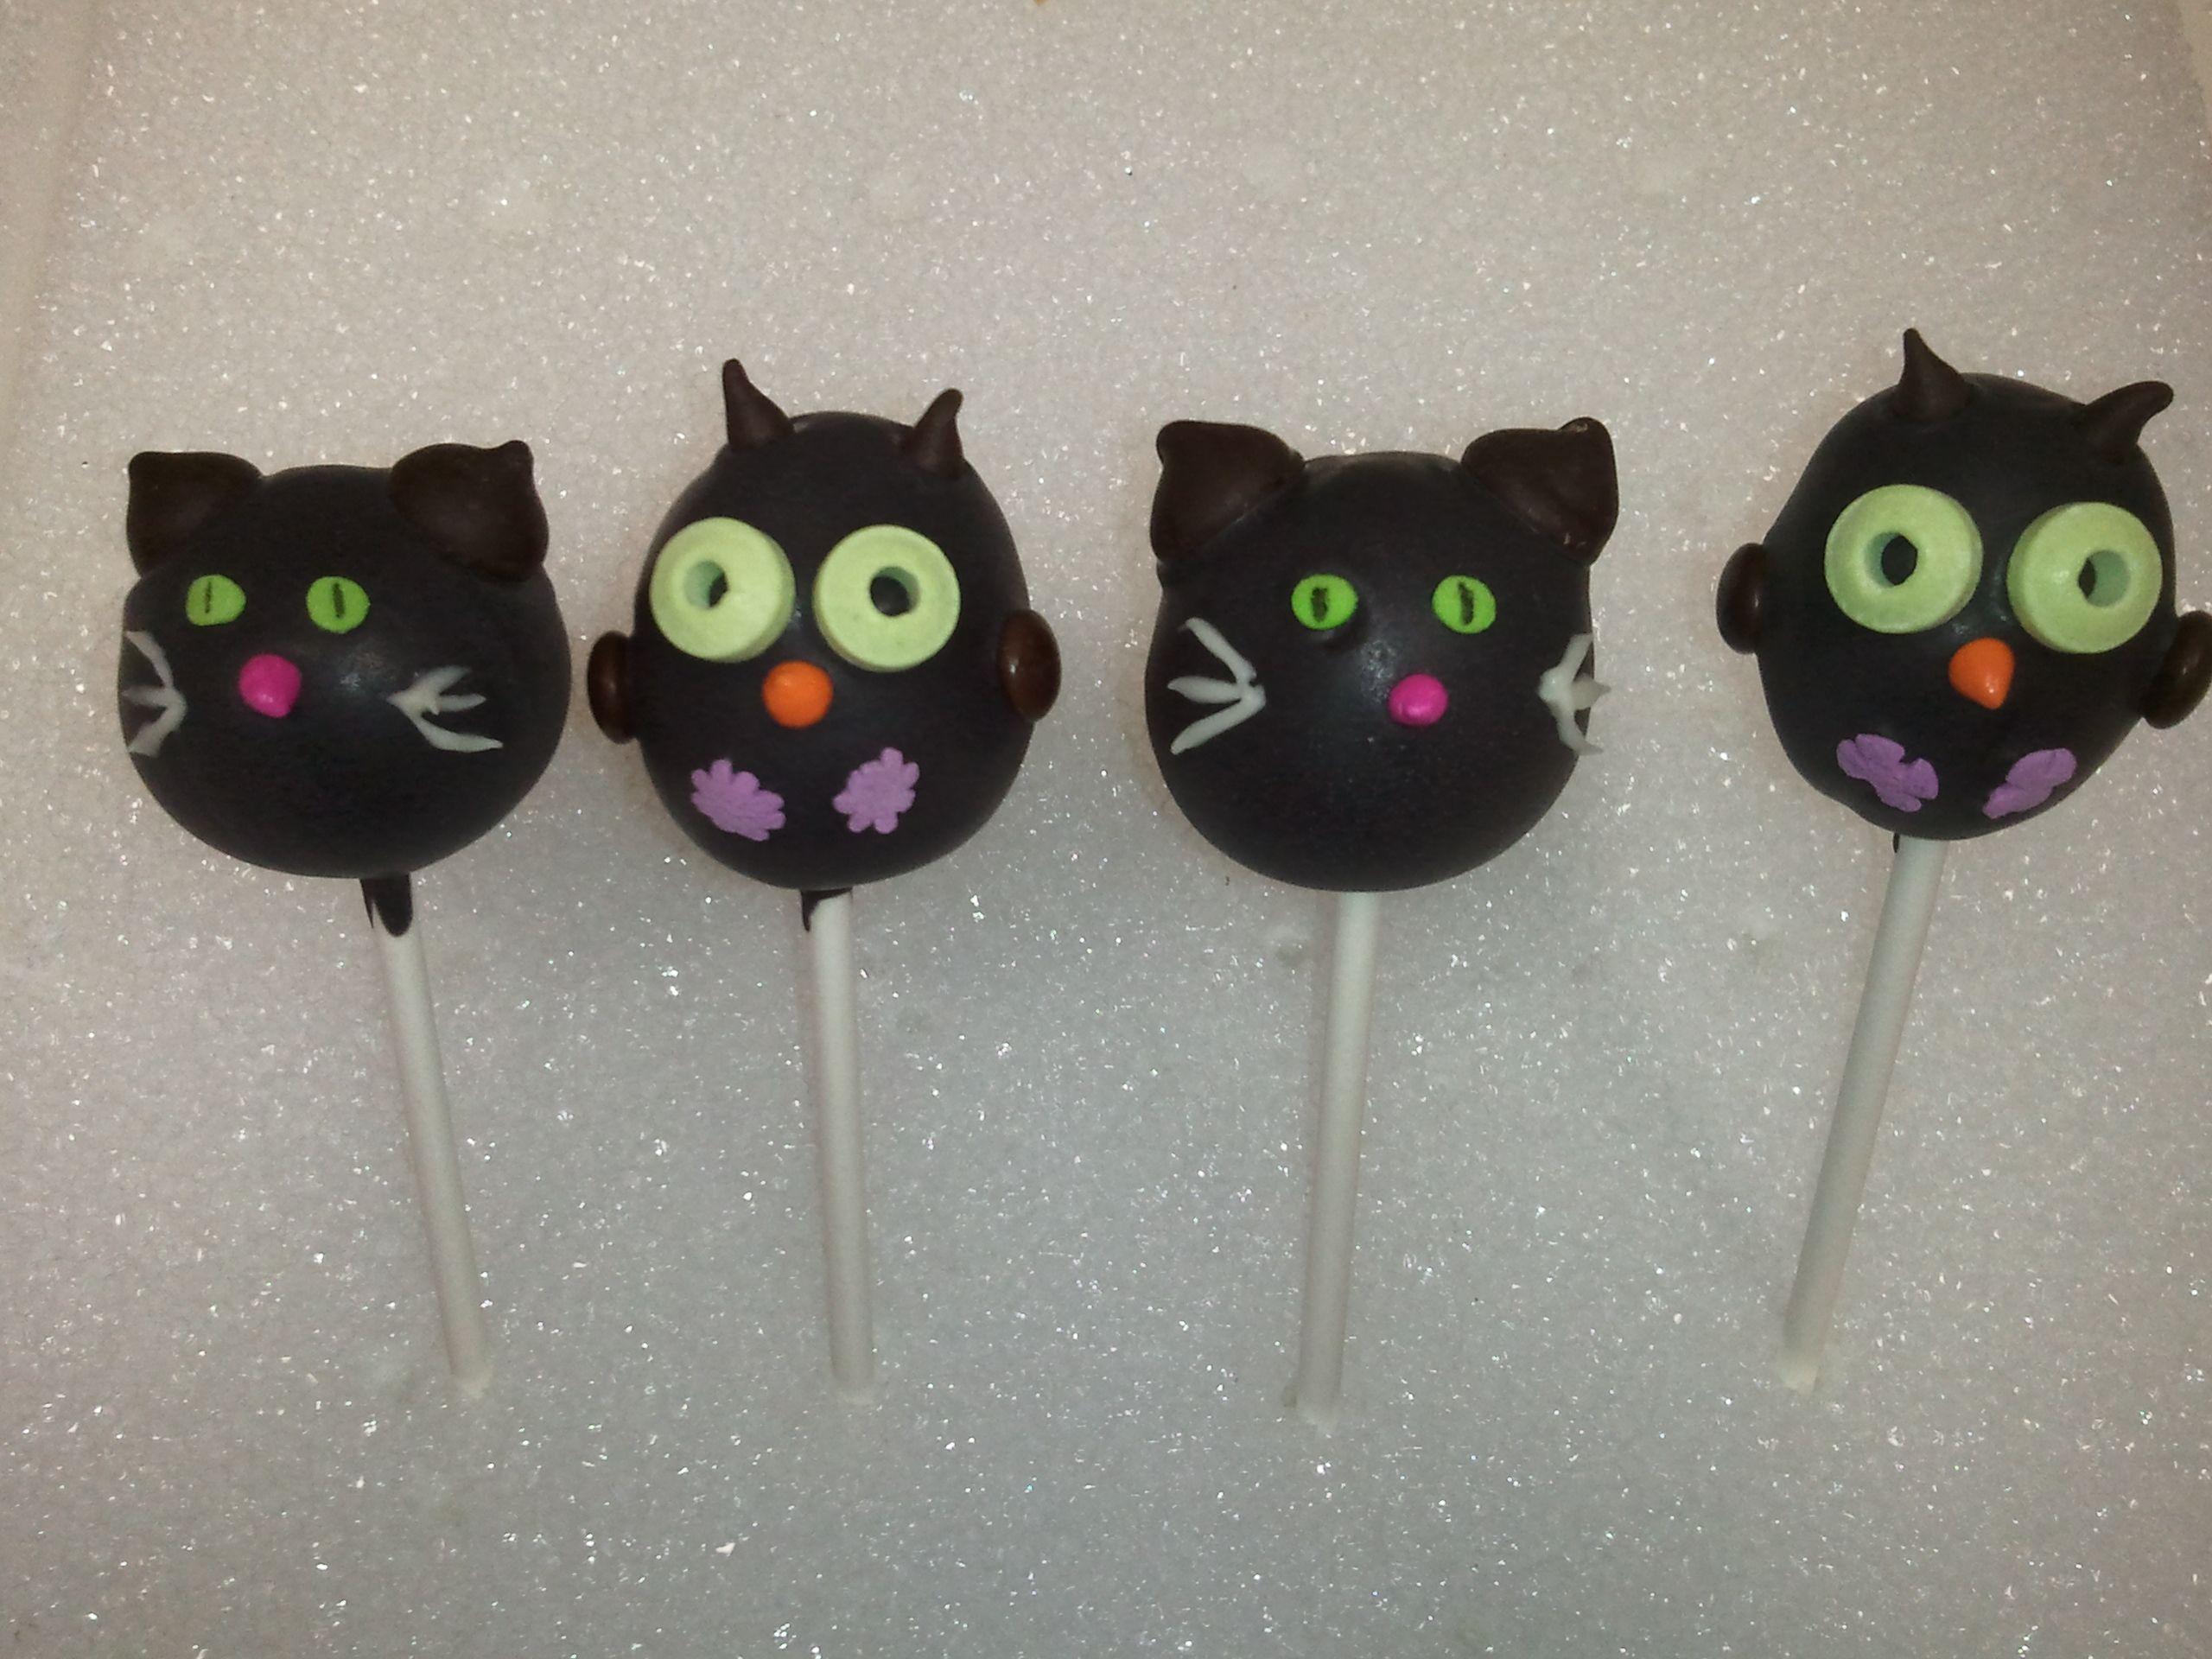 black cats & owls